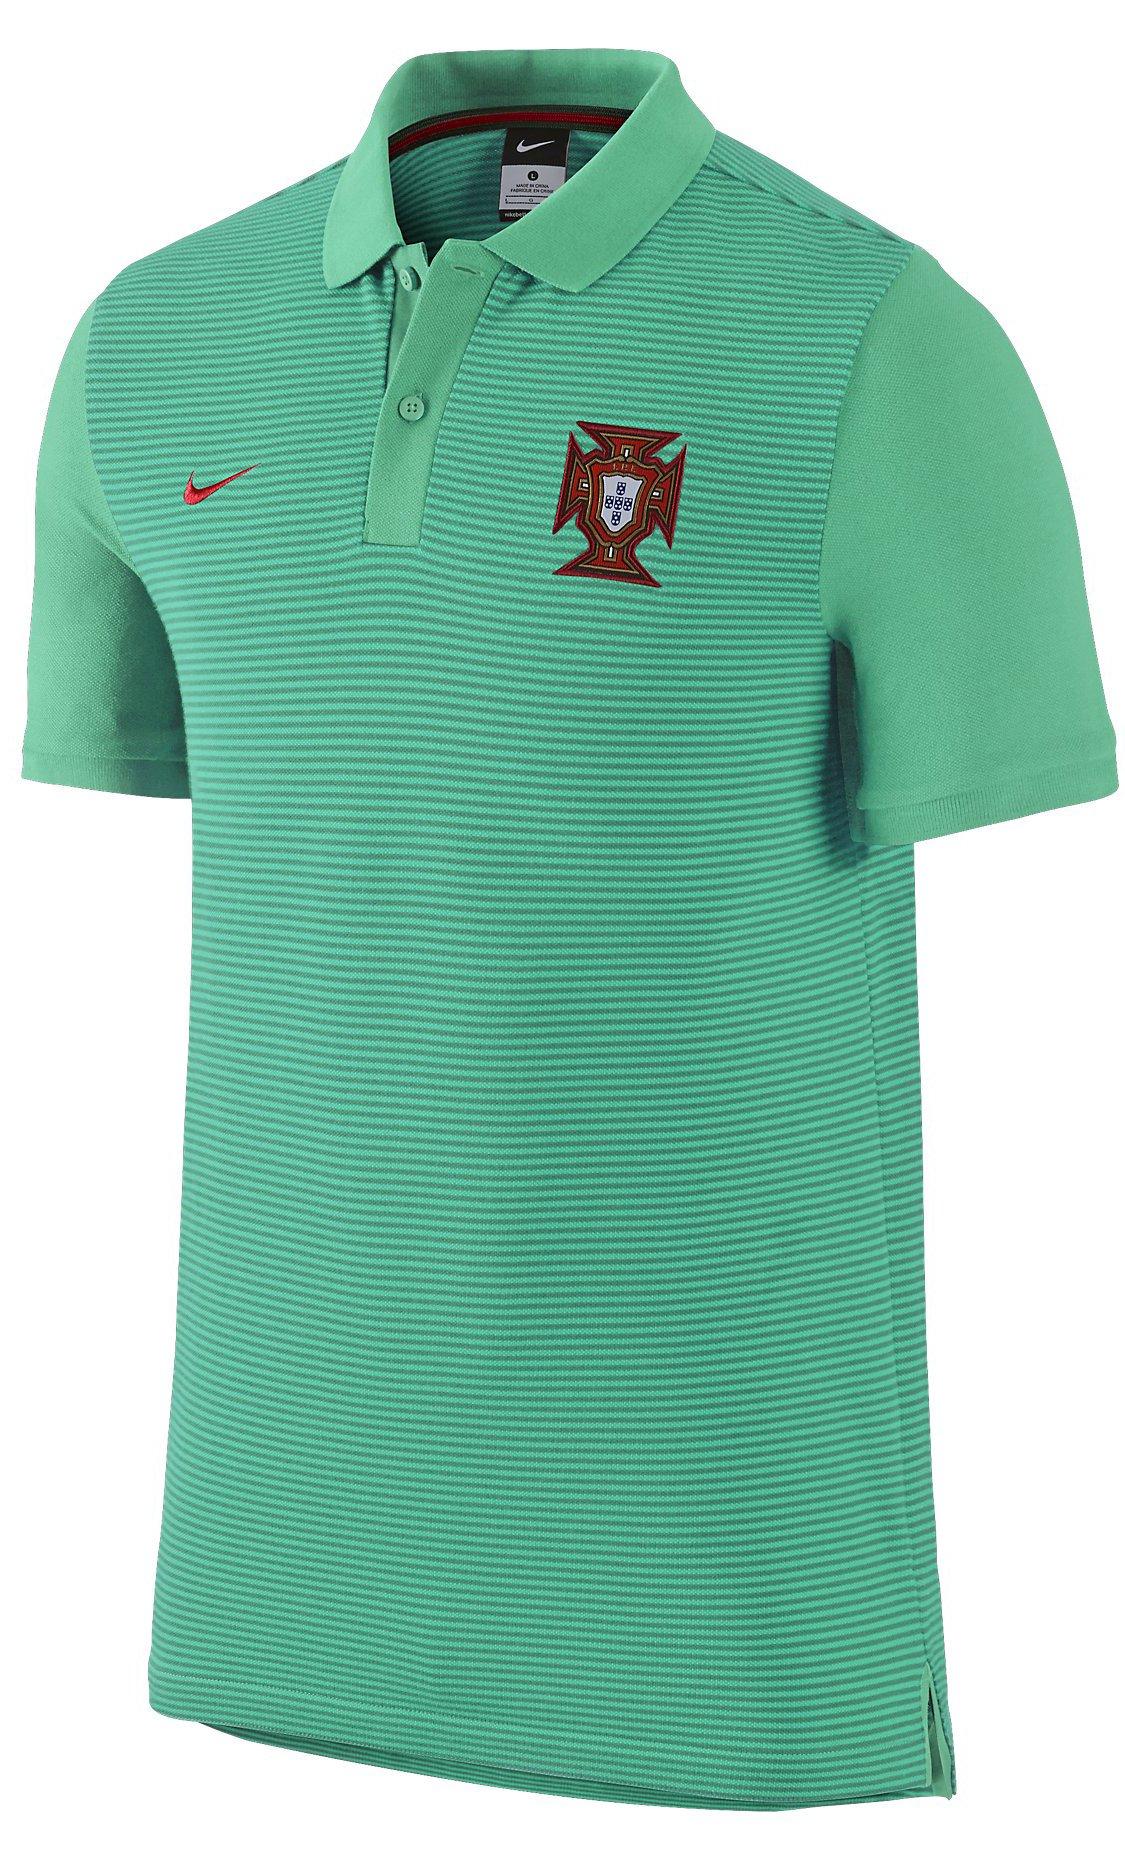 Polokošile Nike FPF AUTH GS SLIM POLO